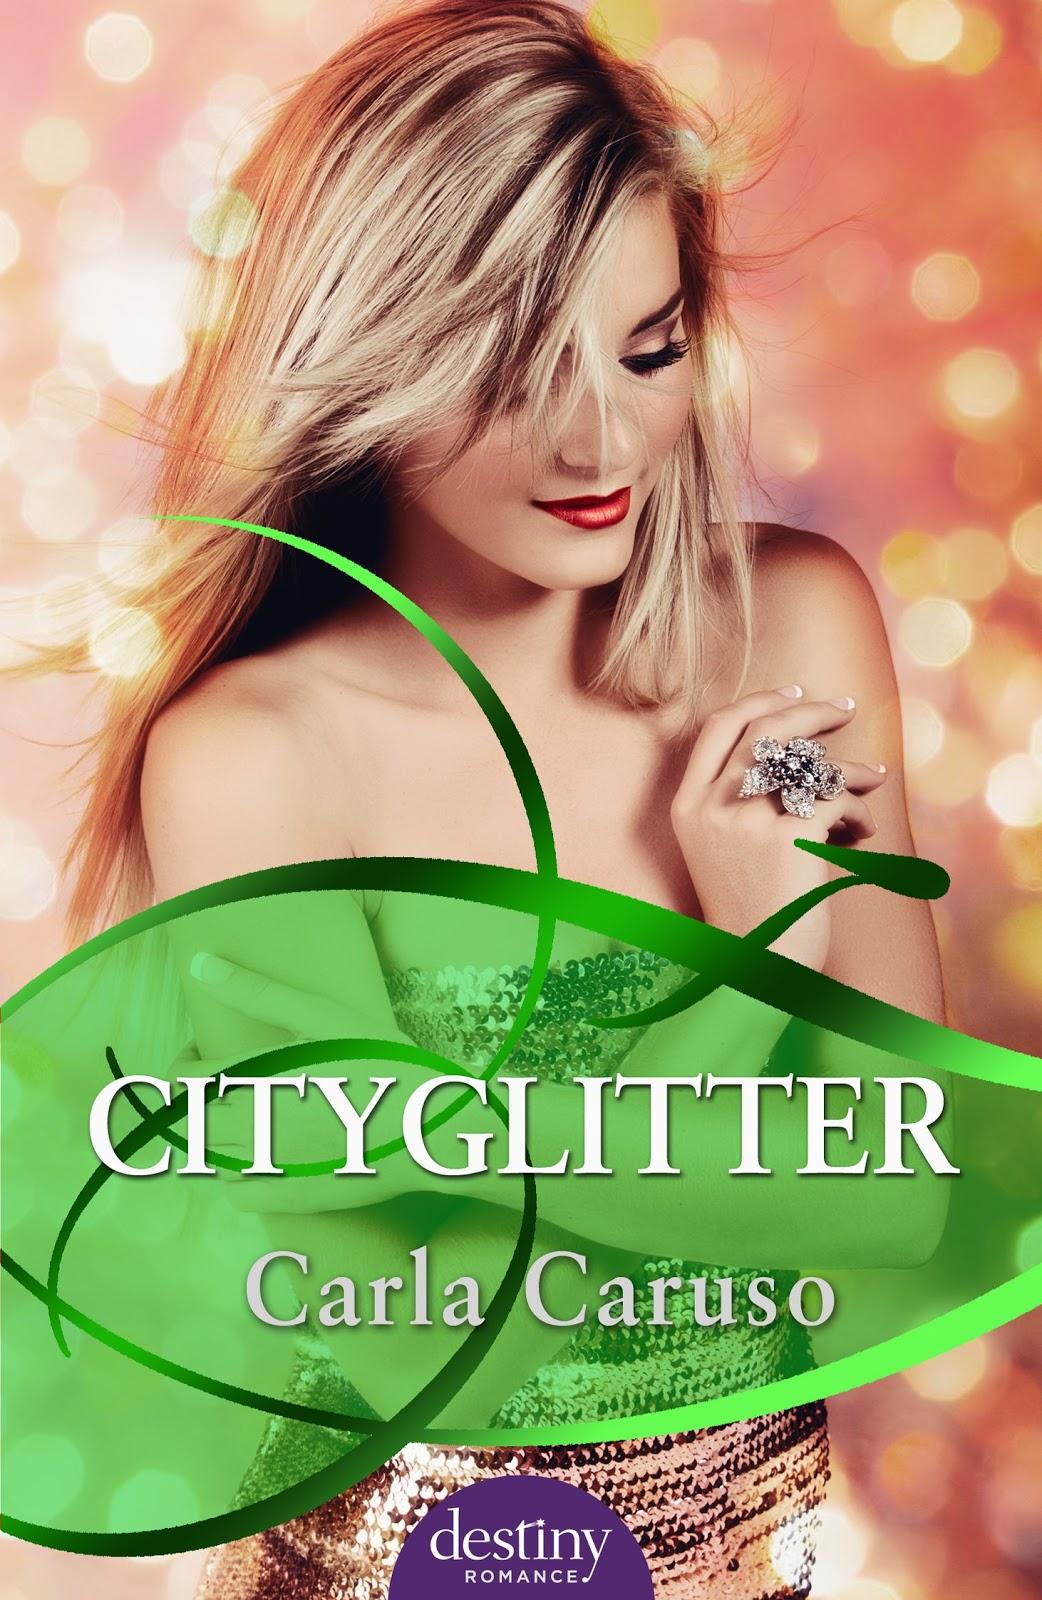 http://4.bp.blogspot.com/-6OiNlvvHYhM/UJmRfyPSupI/AAAAAAAAadM/oP_uwKoszQc/s1600/Cityglitter.jpg